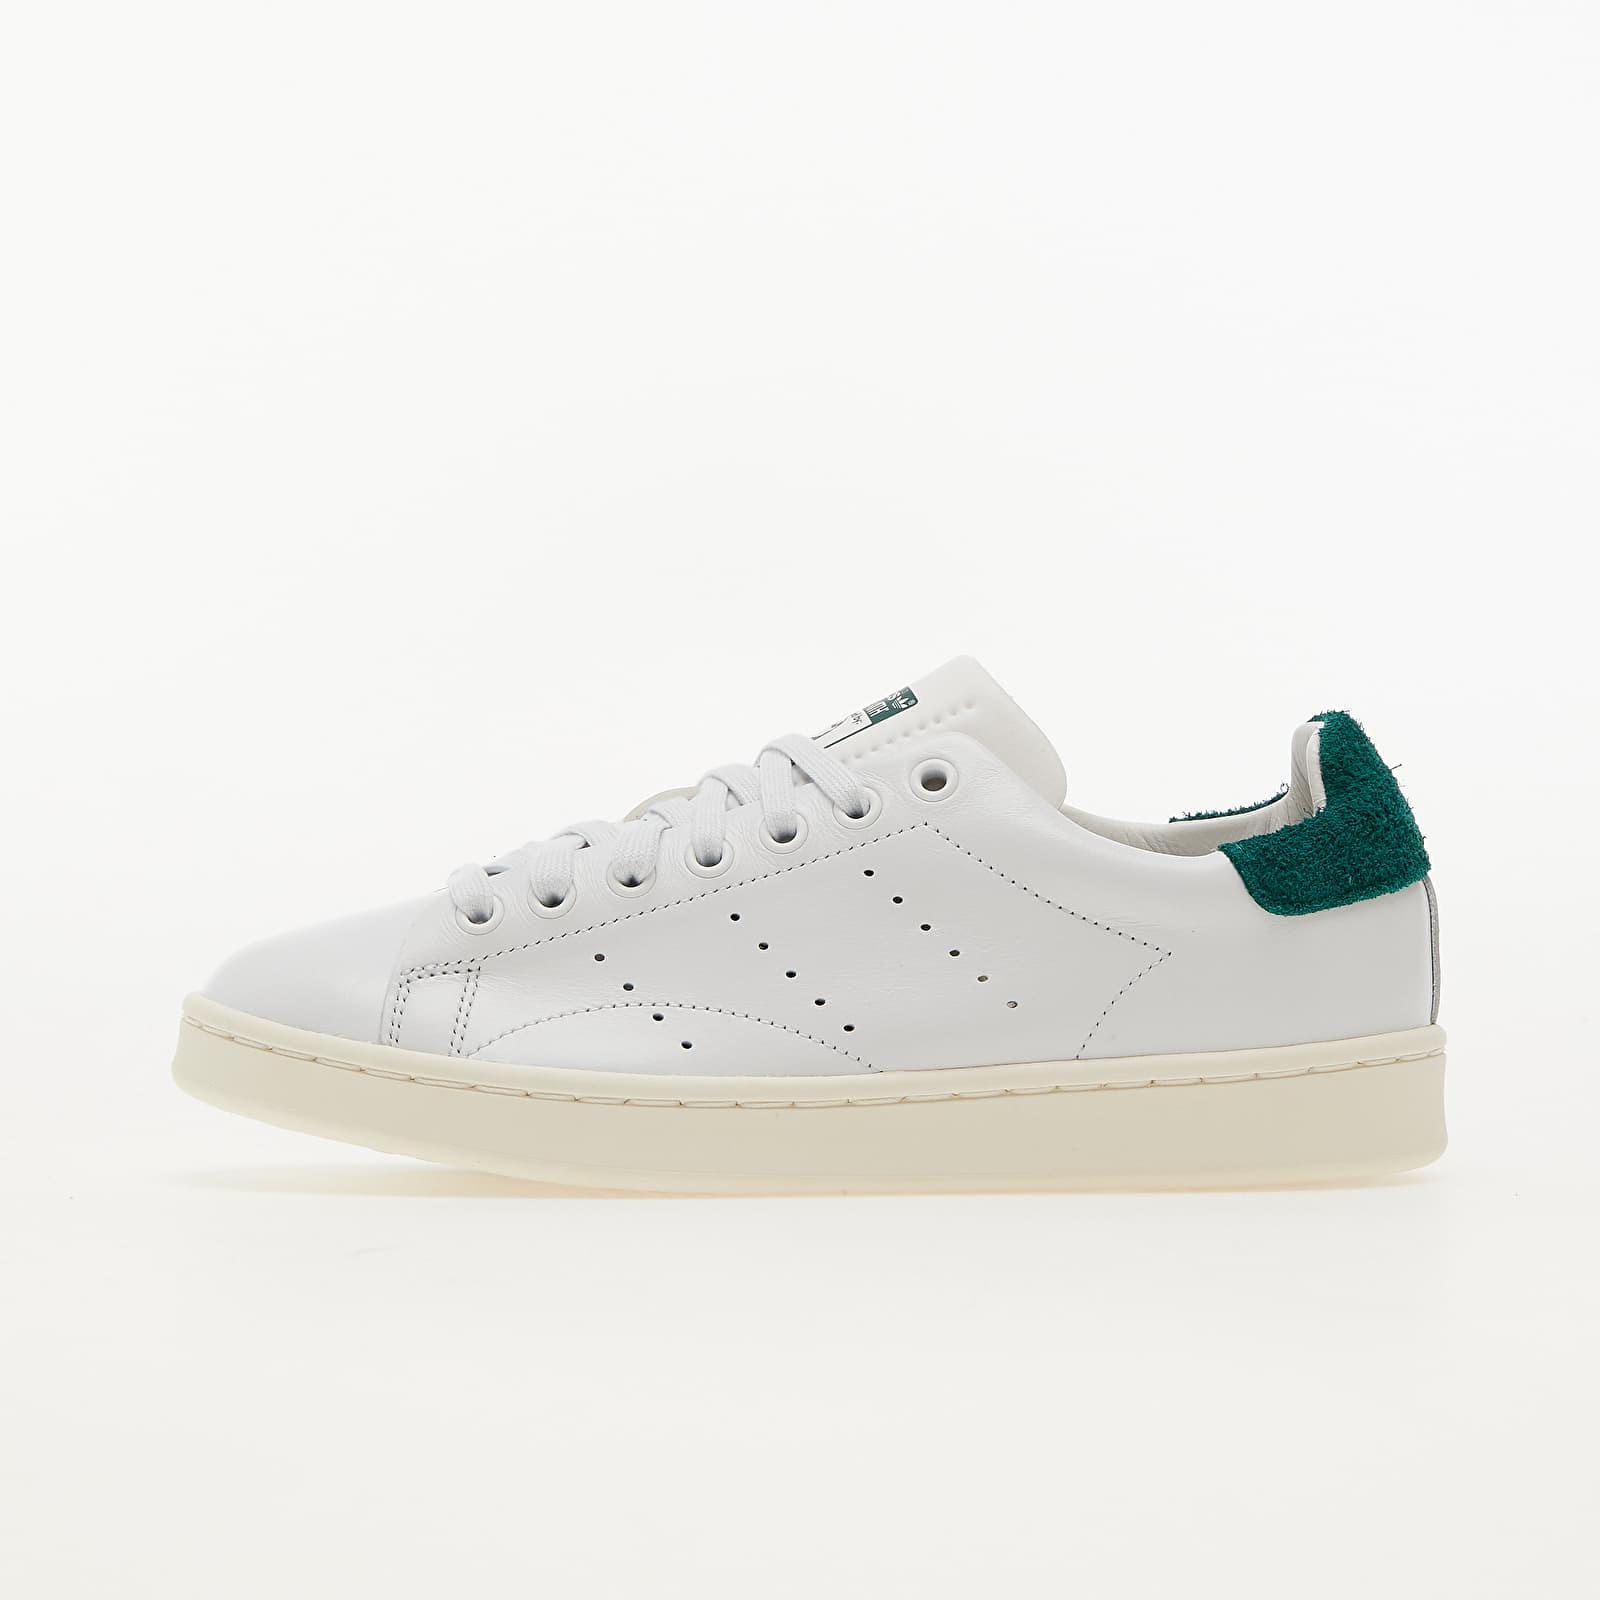 adidas Stan Smith H Crystal White/ Off White/ Core Green EUR 43 1/3